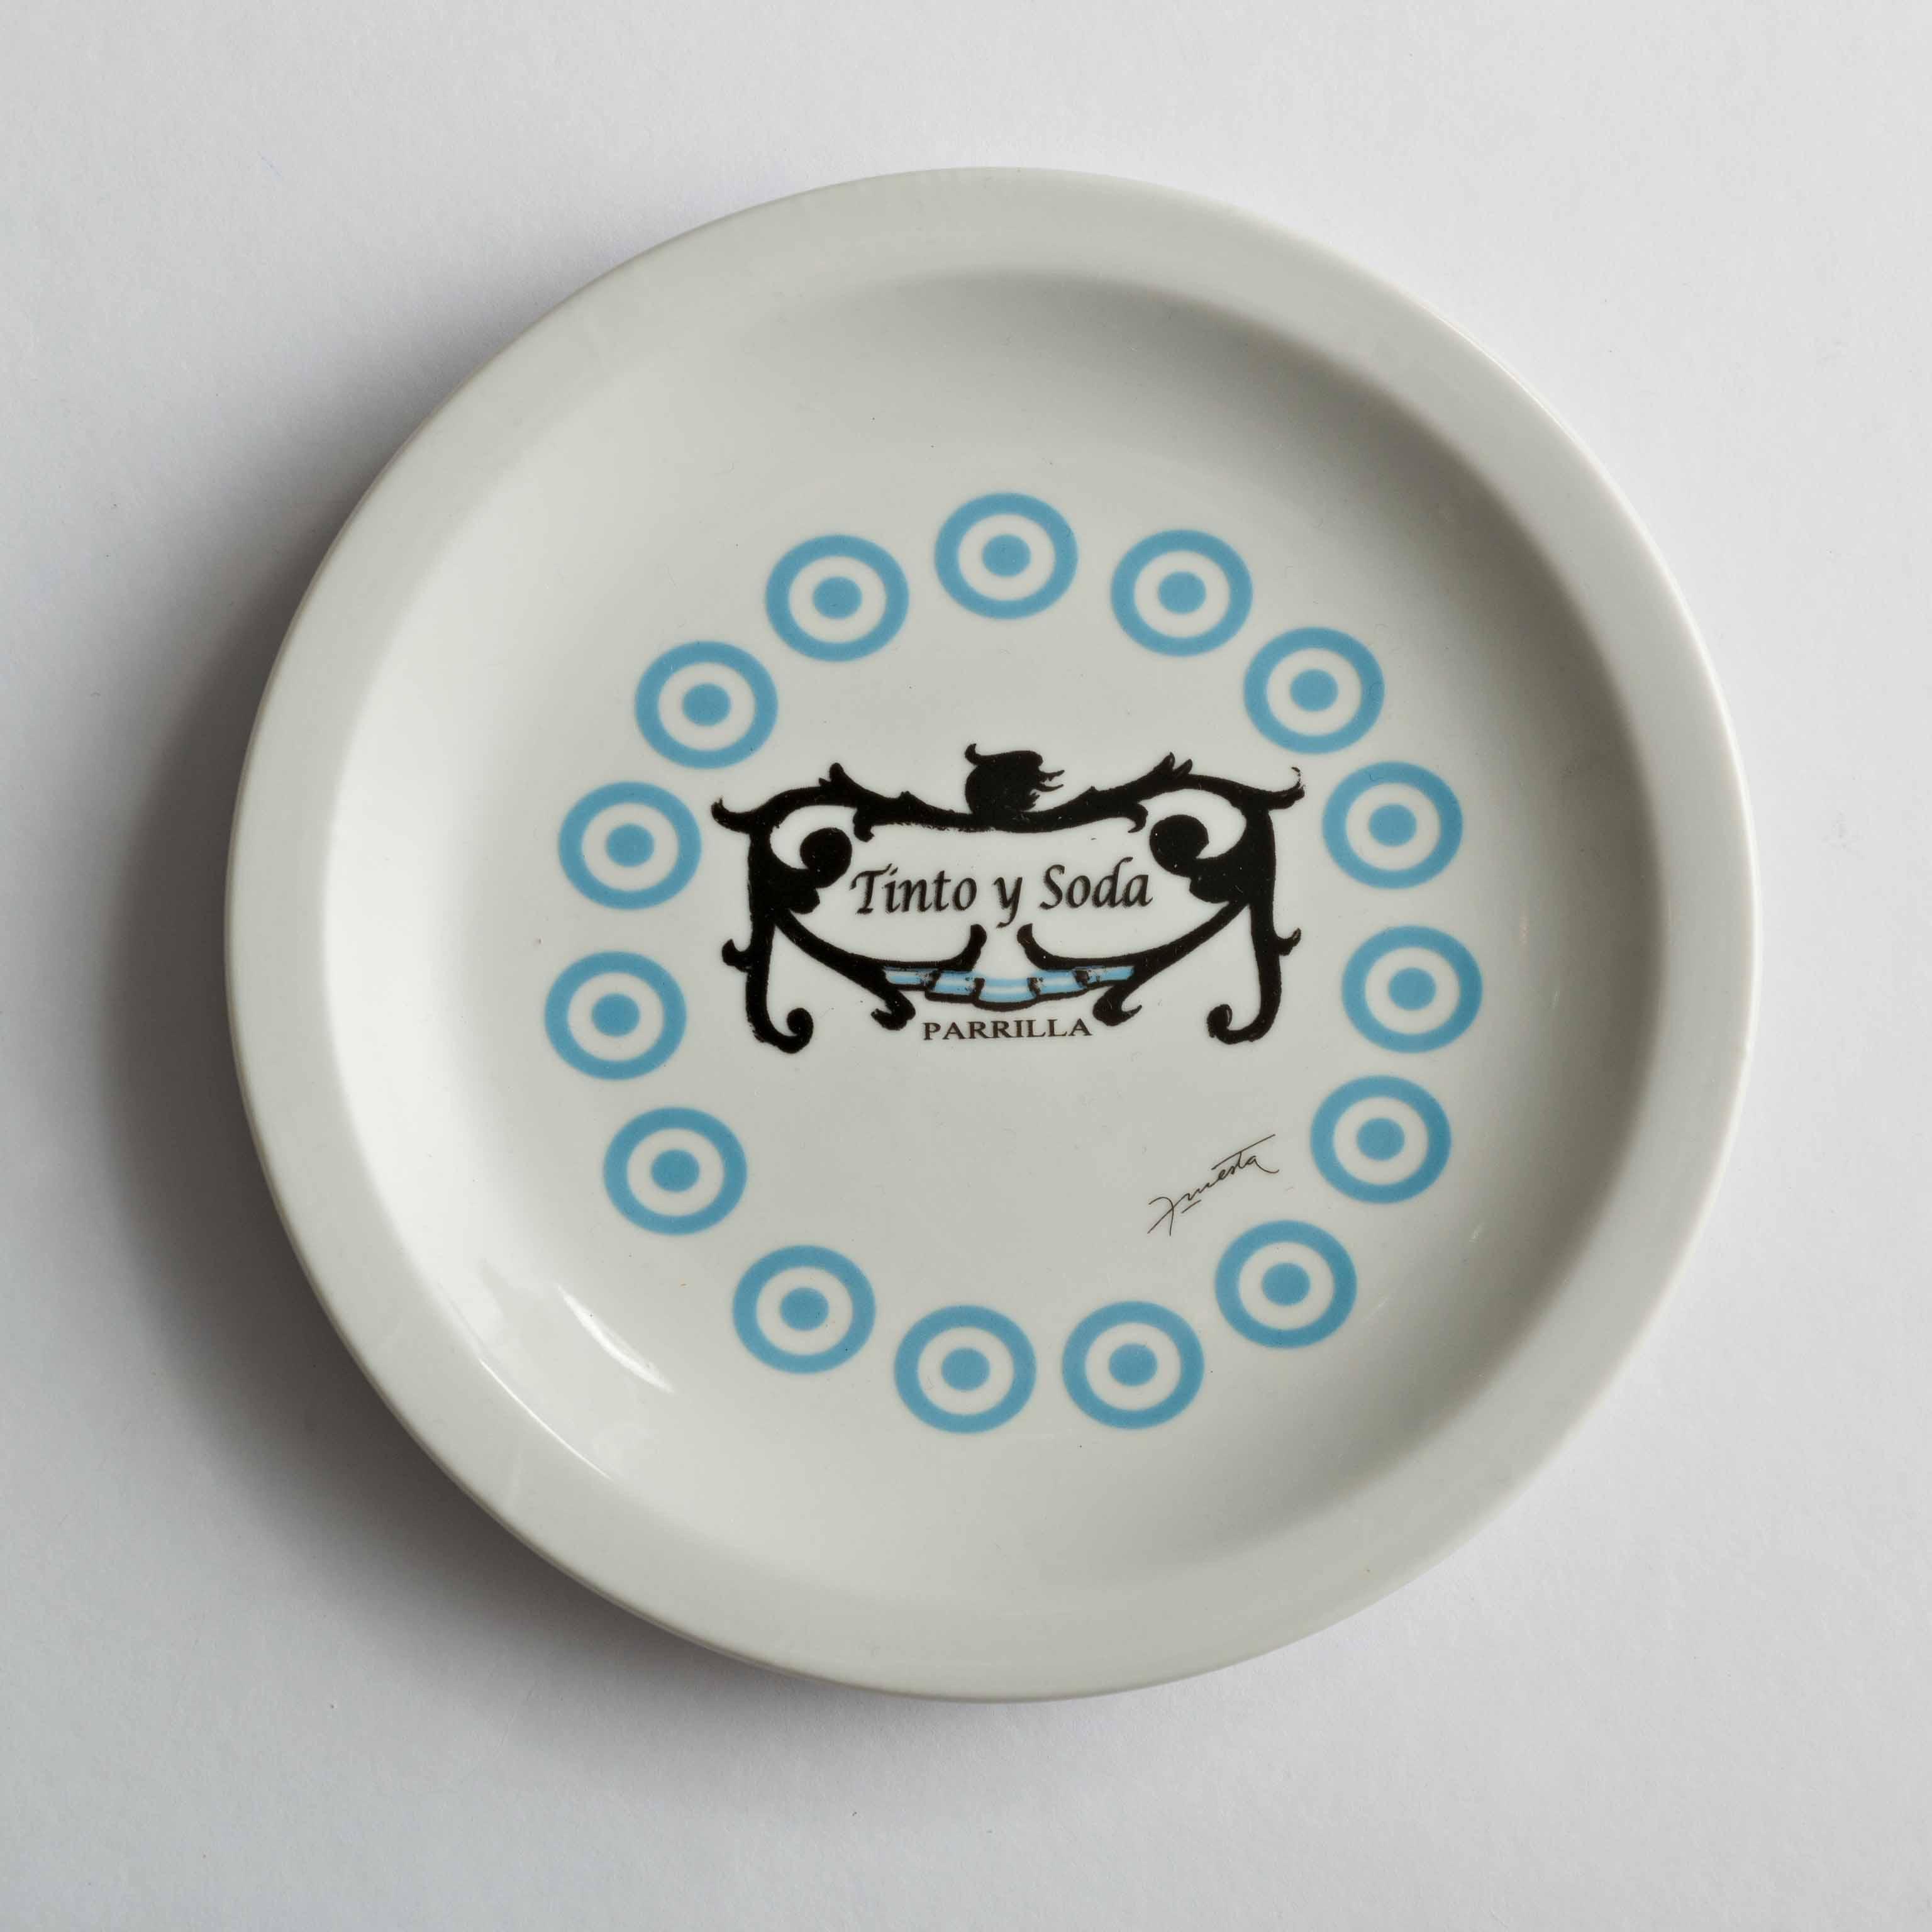 Tinto y Soda Restaurant, impresión sobre cerámica, 2011